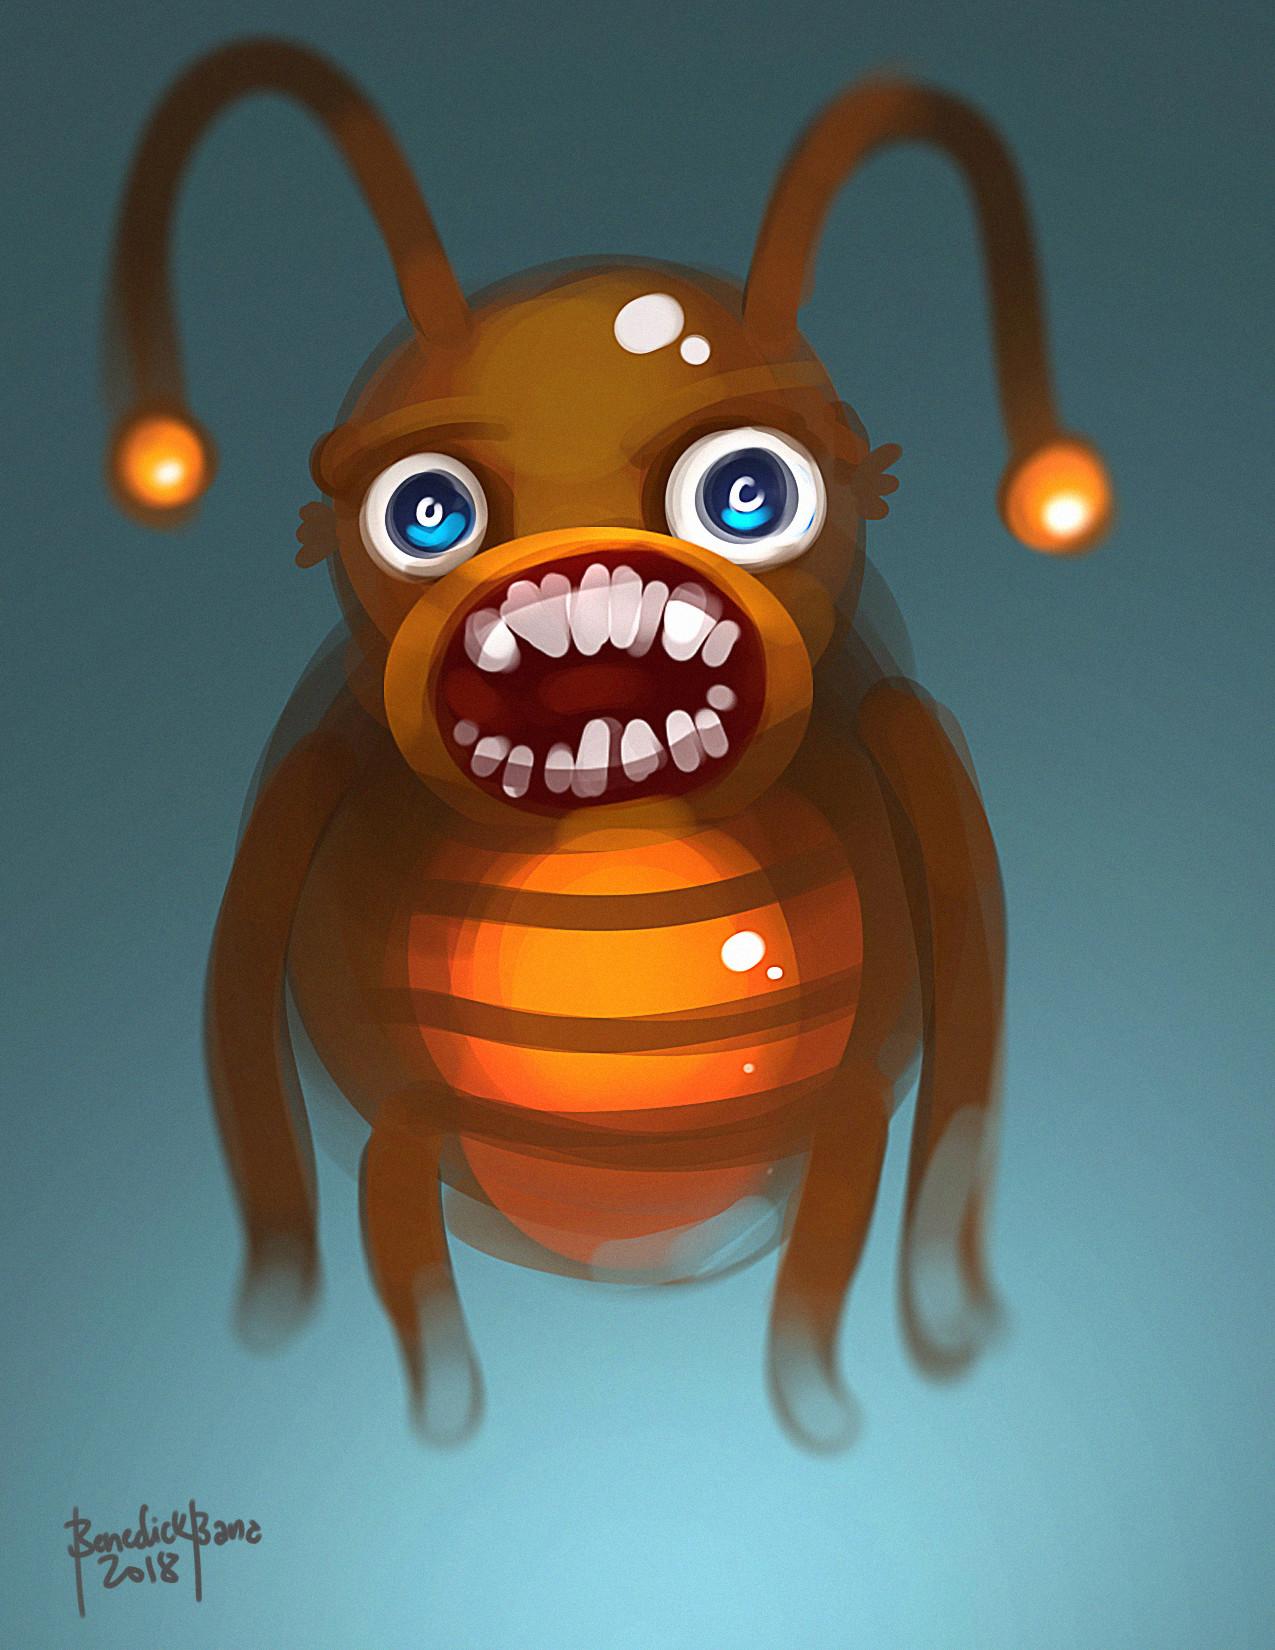 Benedick bana buggy bug2